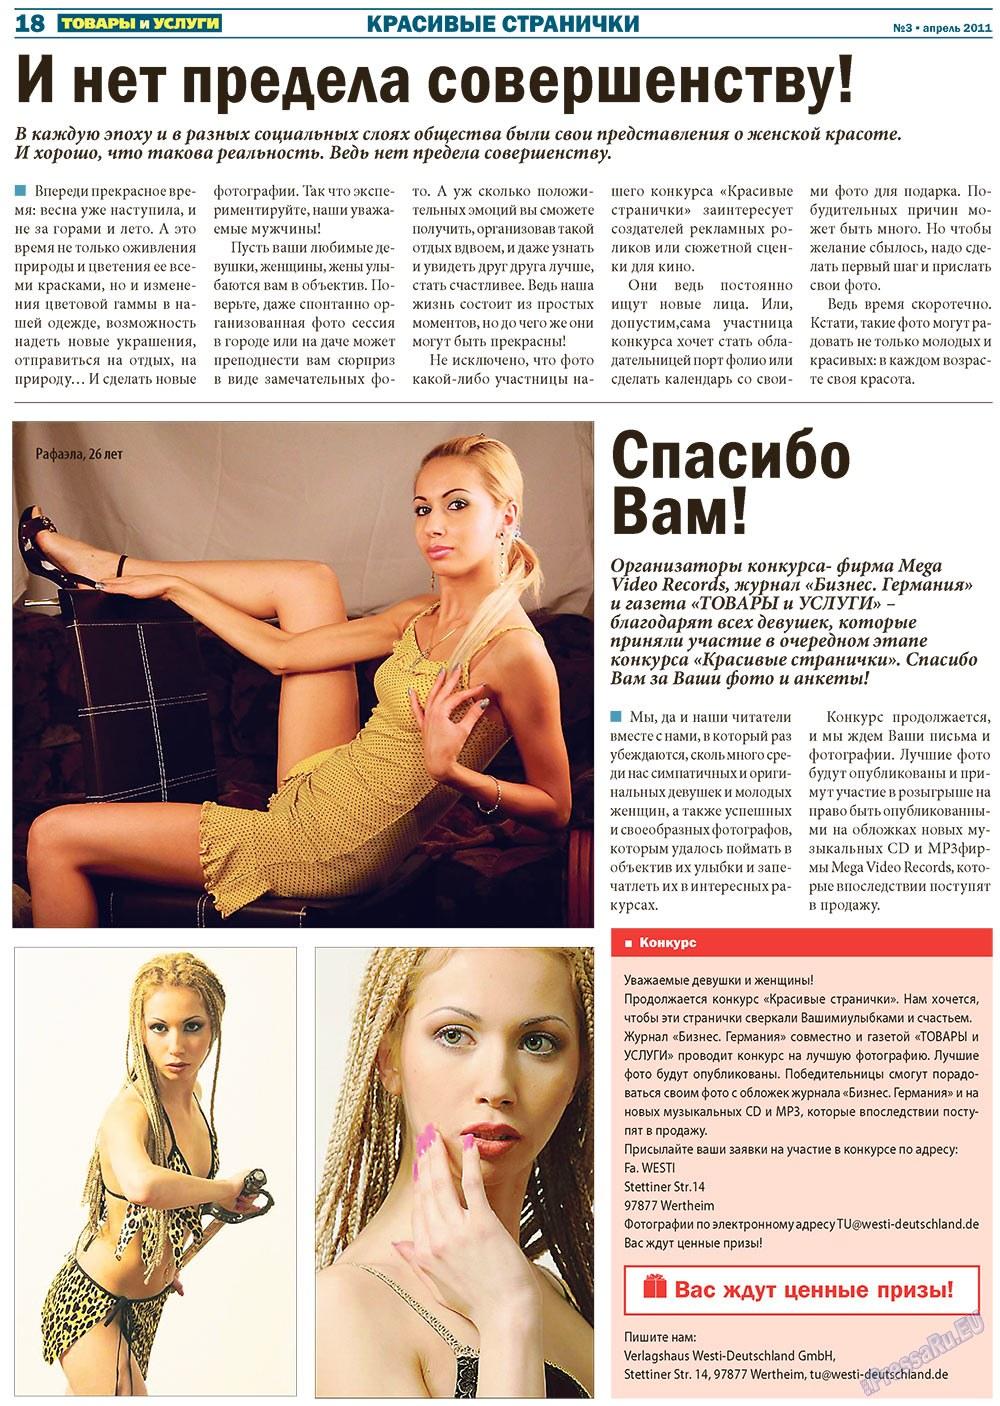 Товары и услуги (газета). 2011 год, номер 3, стр. 18